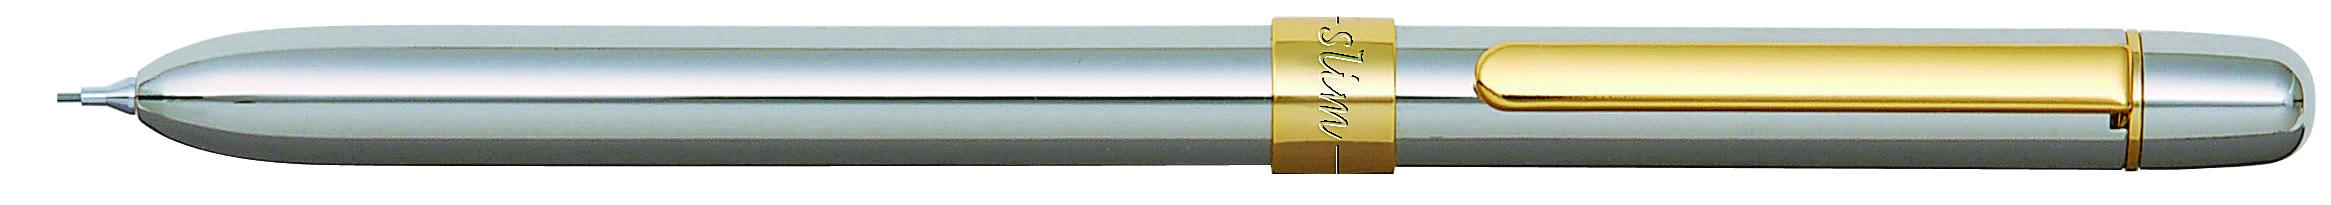 Pix Multifunctional De Lux Penac Slim  In Cutie Cadou  Corp Argintiu - Accesorii Aurii